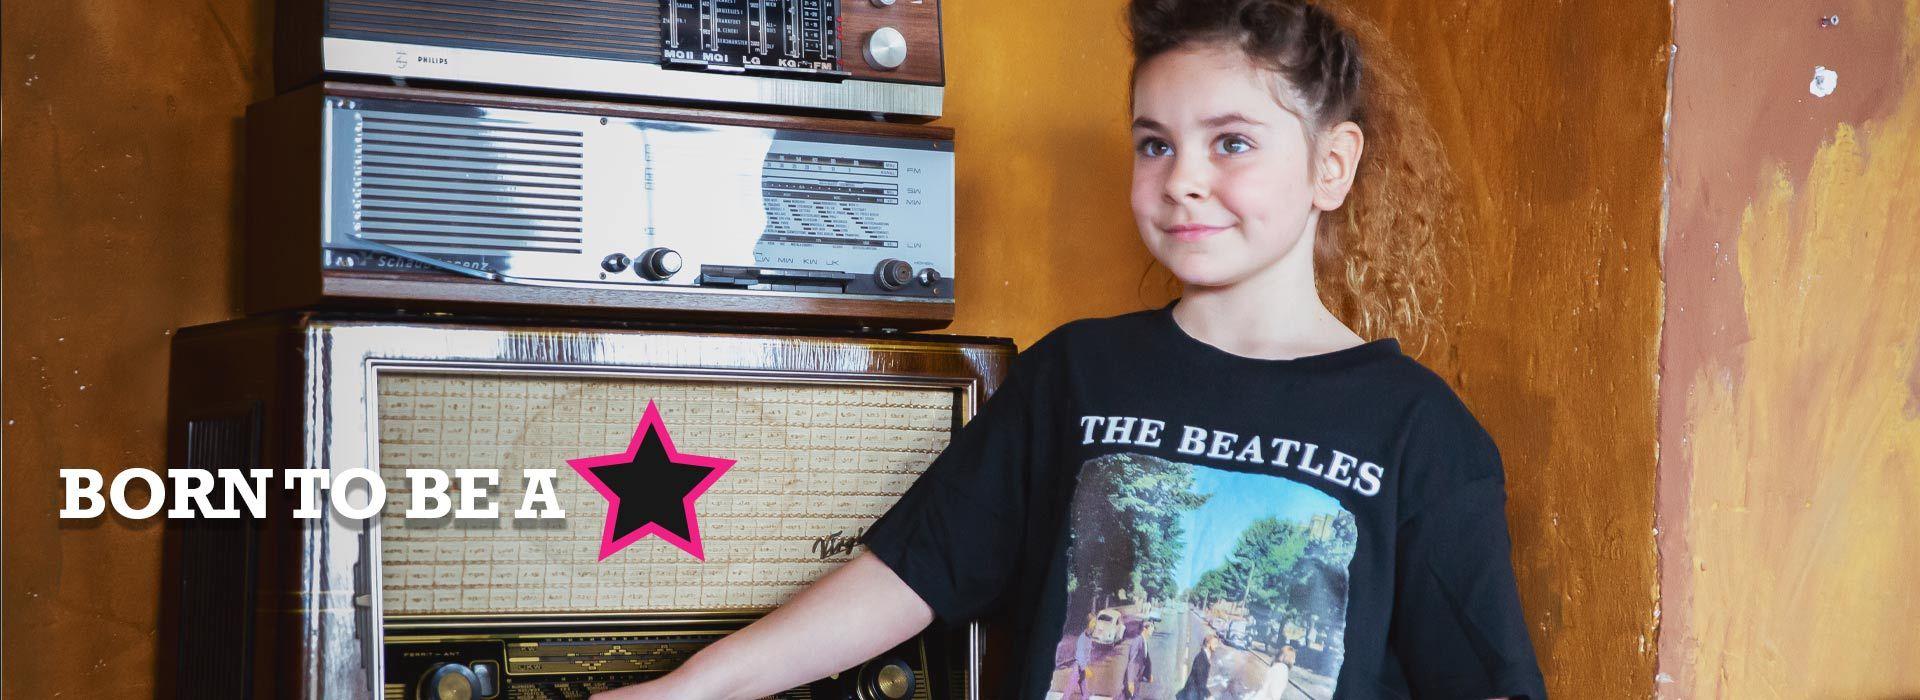 Rock bambini t-shirt - The Beatles